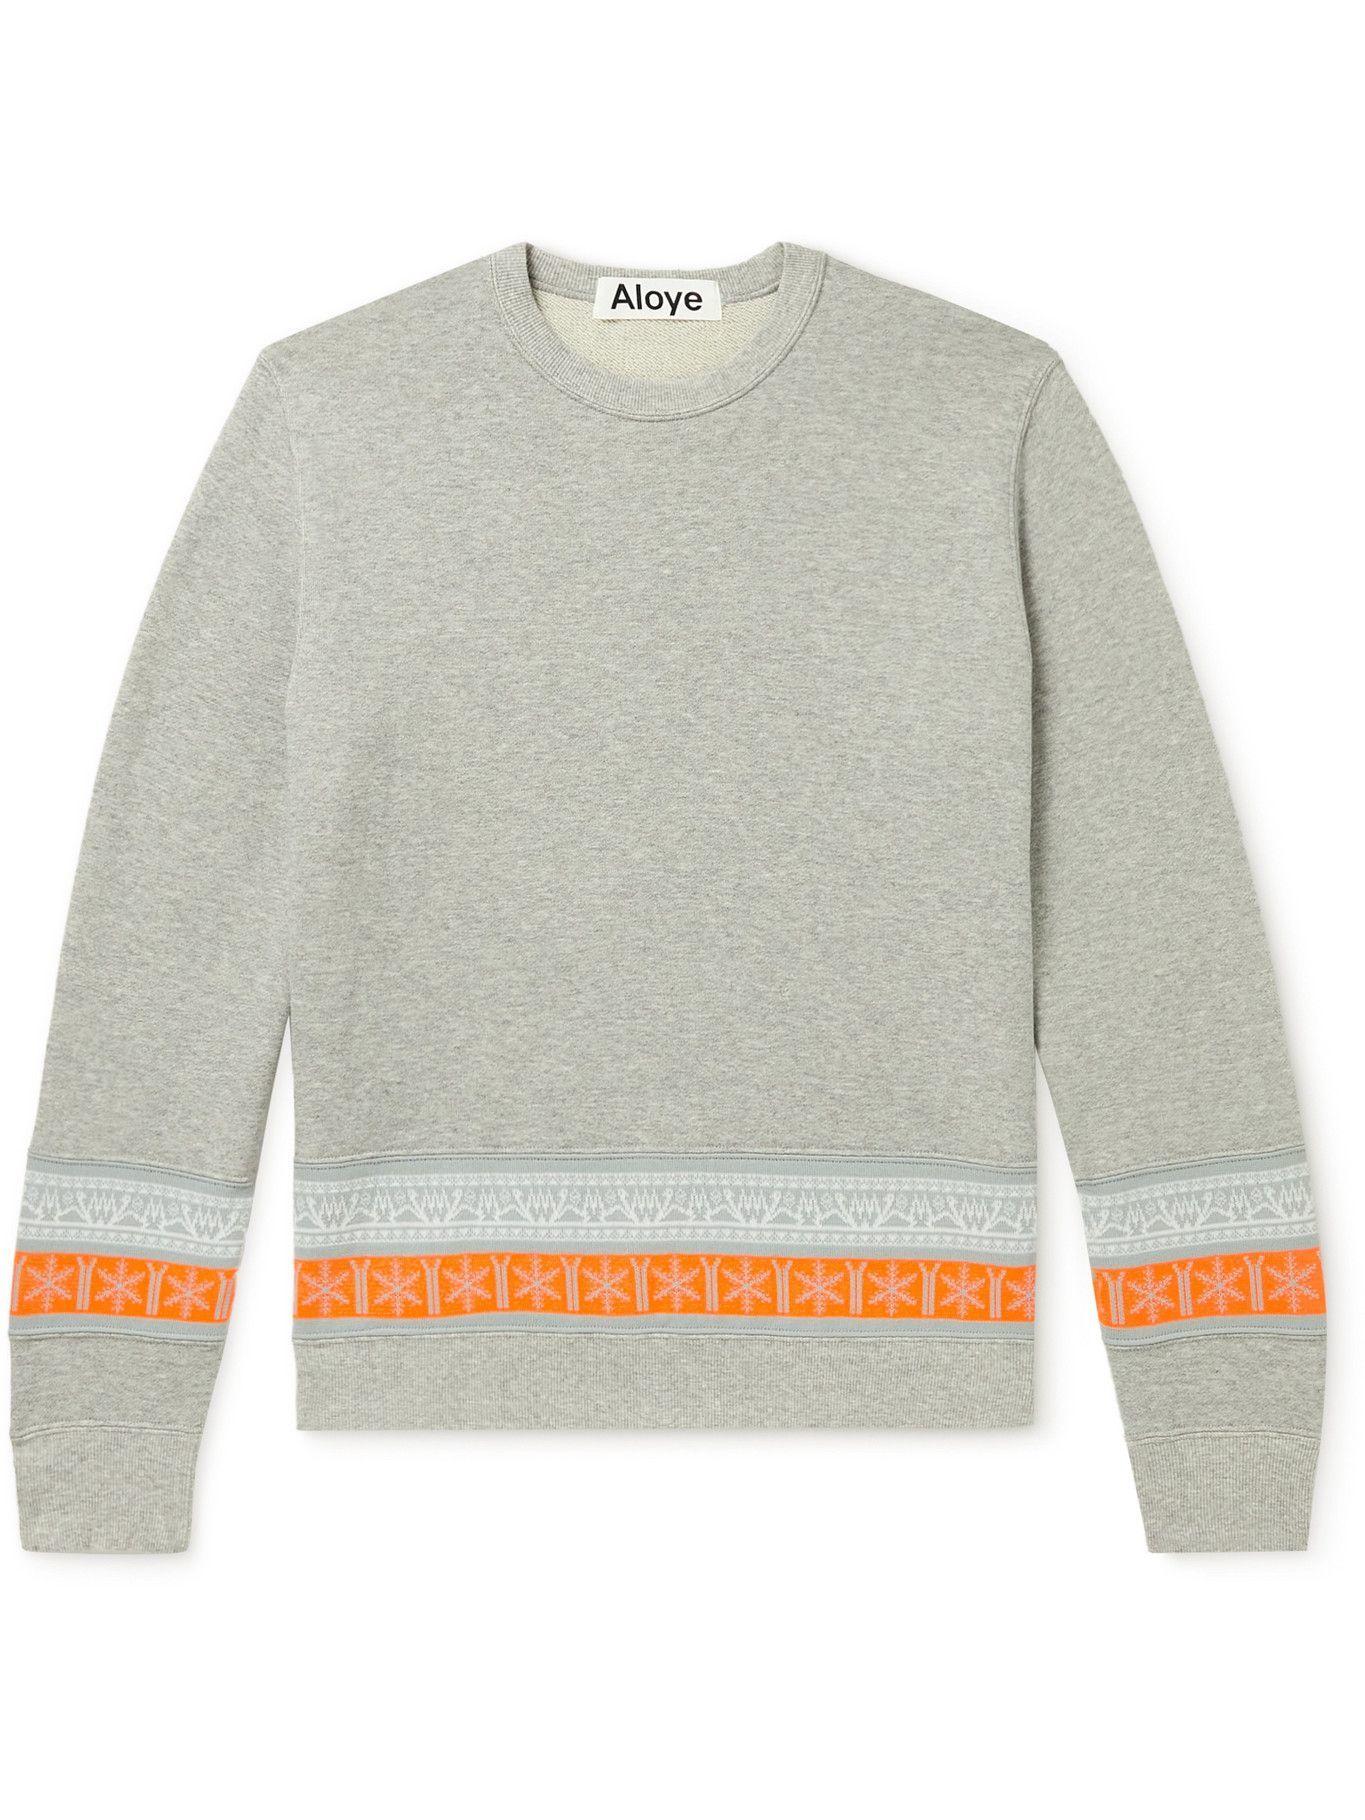 Photo: Aloye - Panelled Stretch-Knit and Cotton-Jersey Sweatshirt - Gray